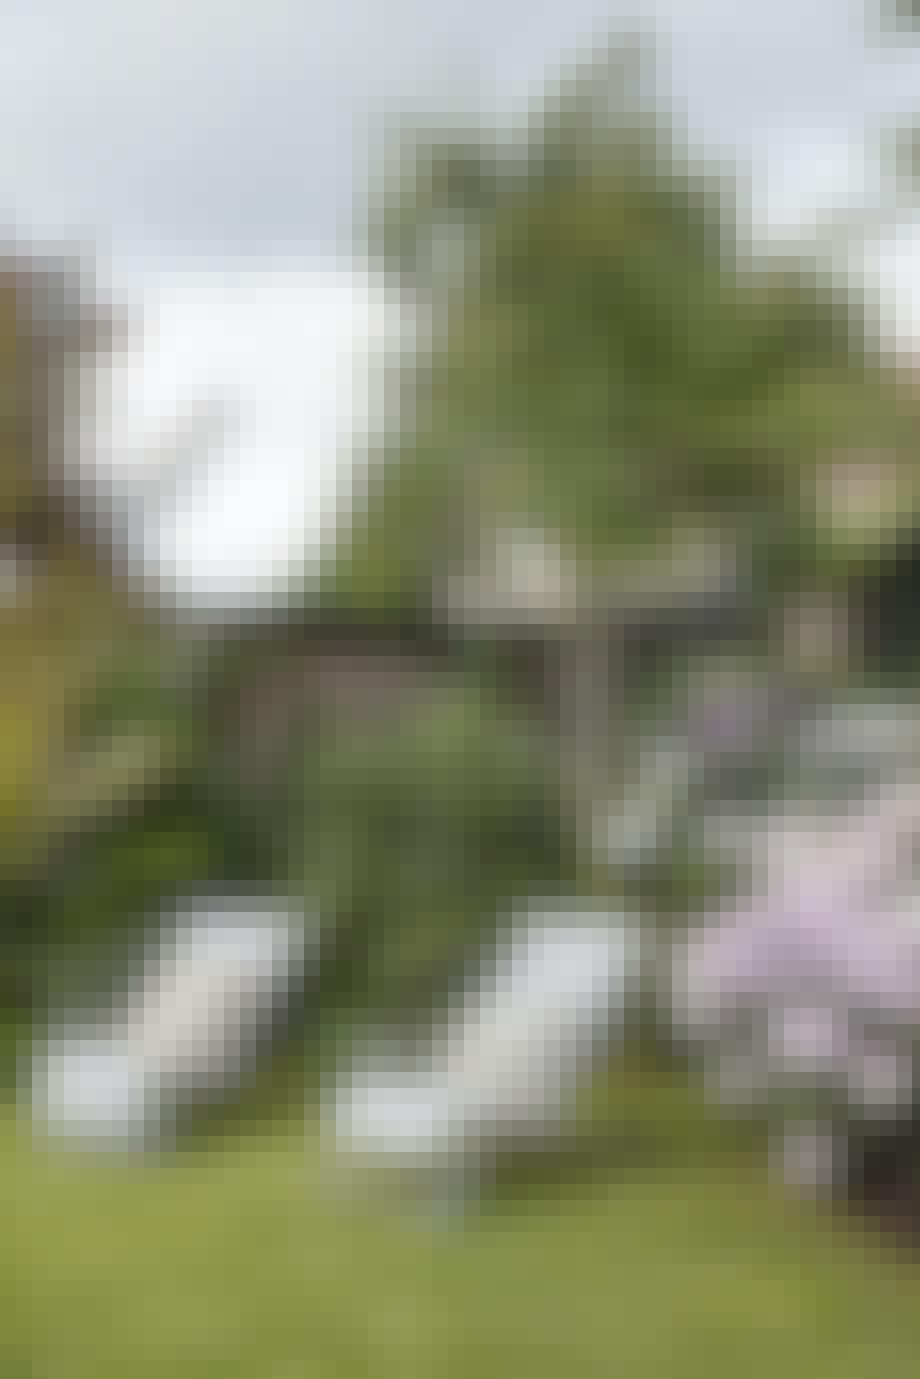 Den flotte og grønne have i Hellerup